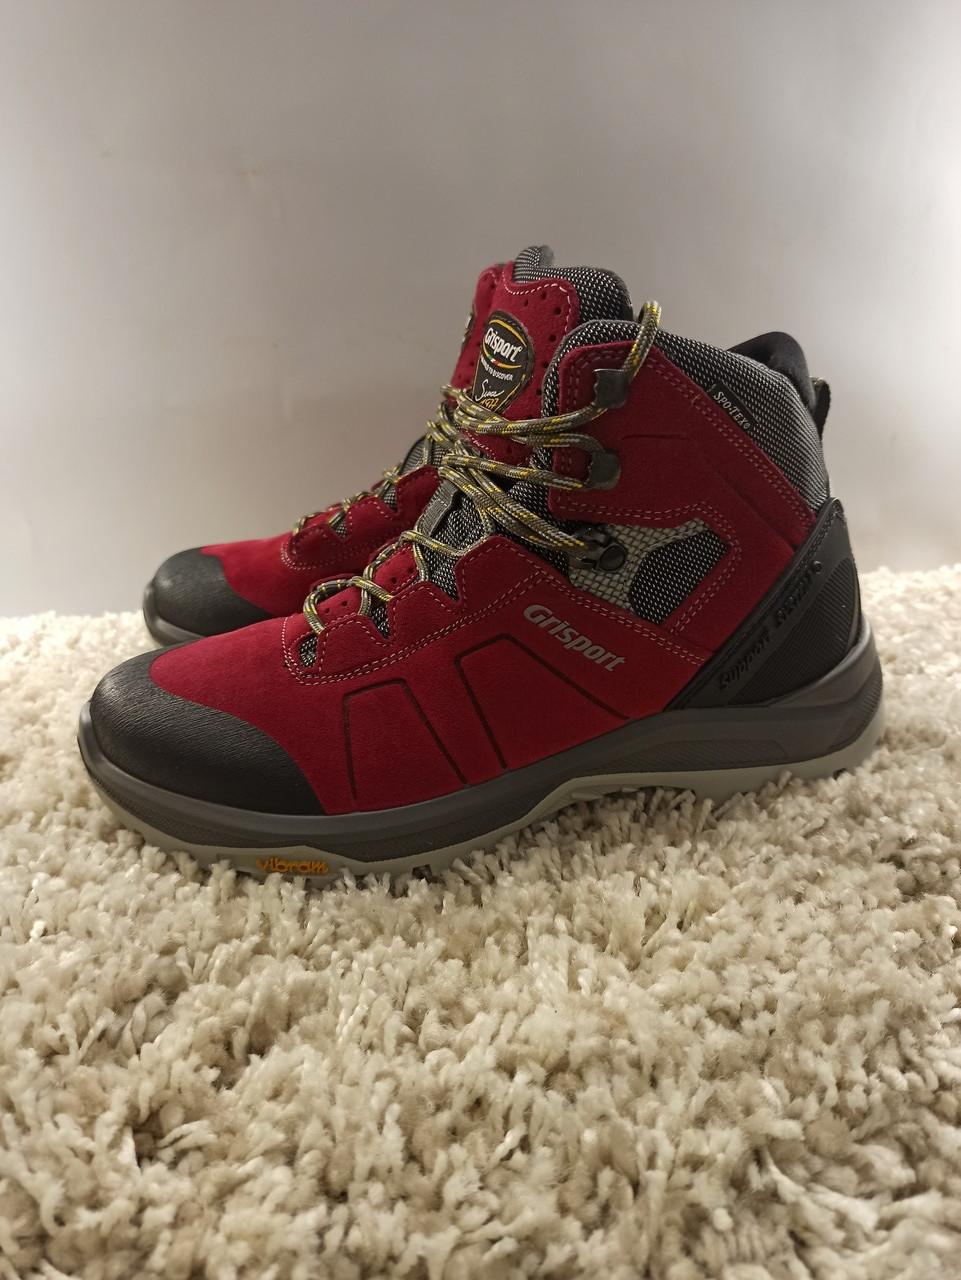 Ботинки Grisport Waterproof красные женские  14411S22tn